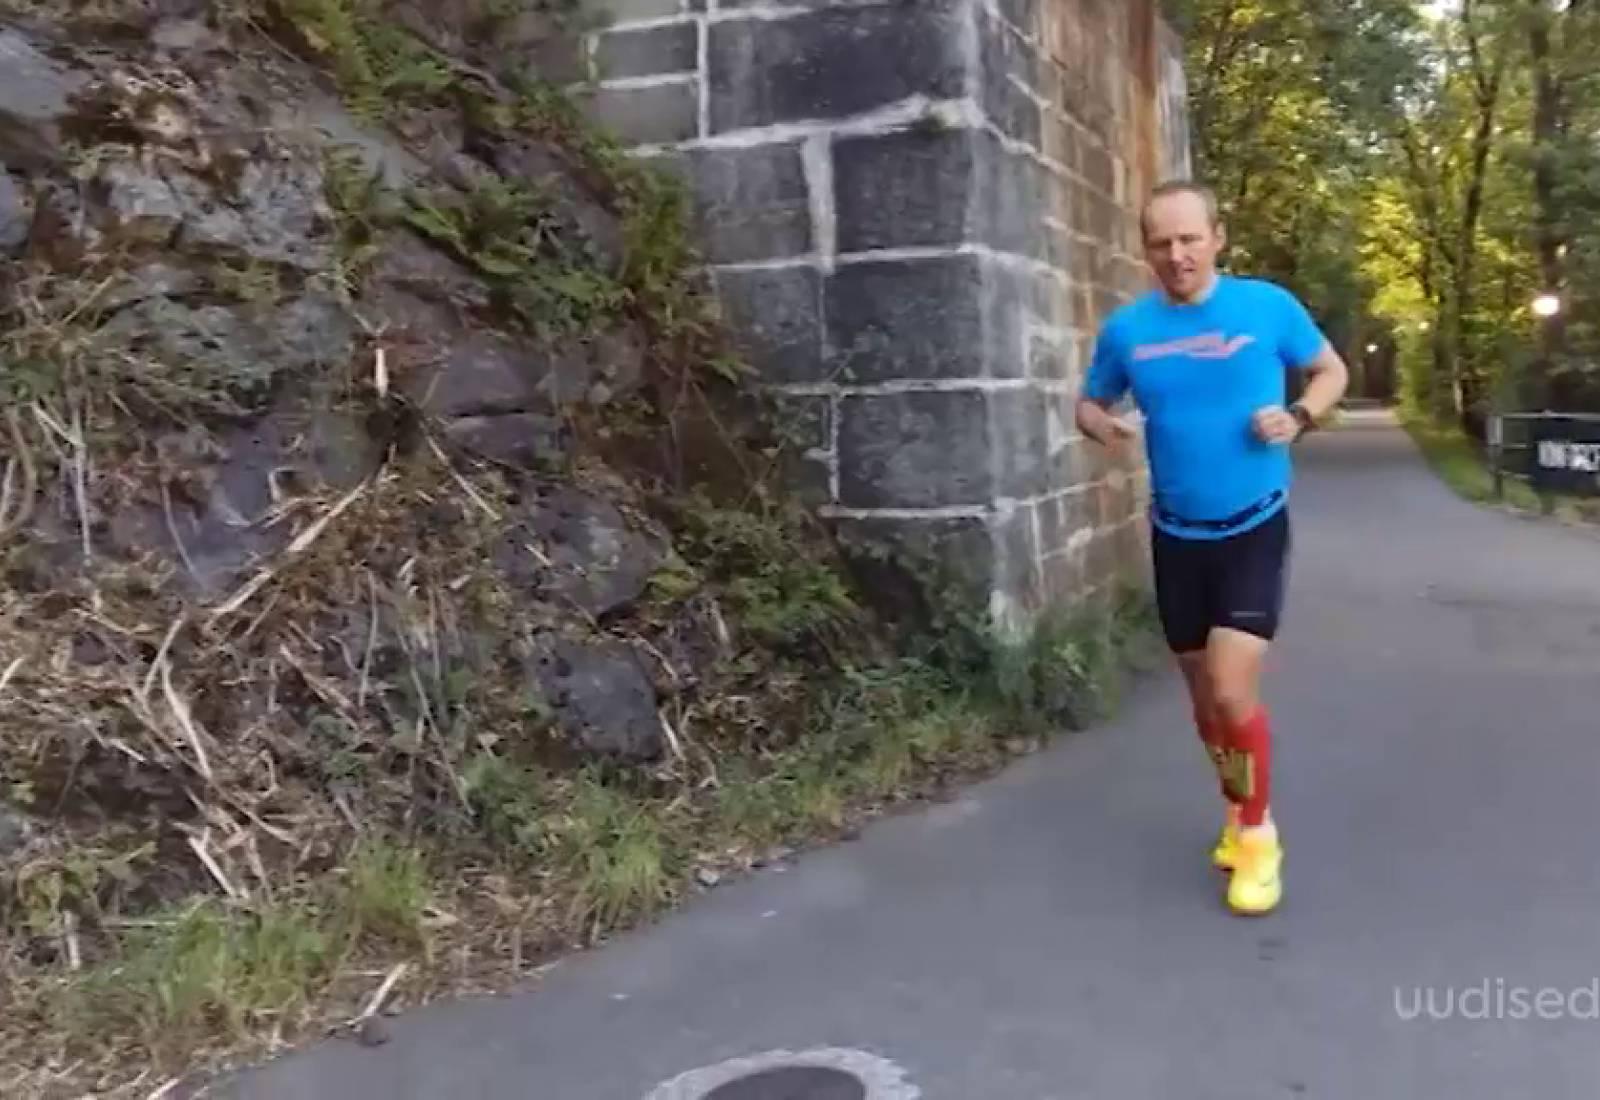 Video! Eesti ultratriatleet võtab ette ränkraske 20-kordse triatloni